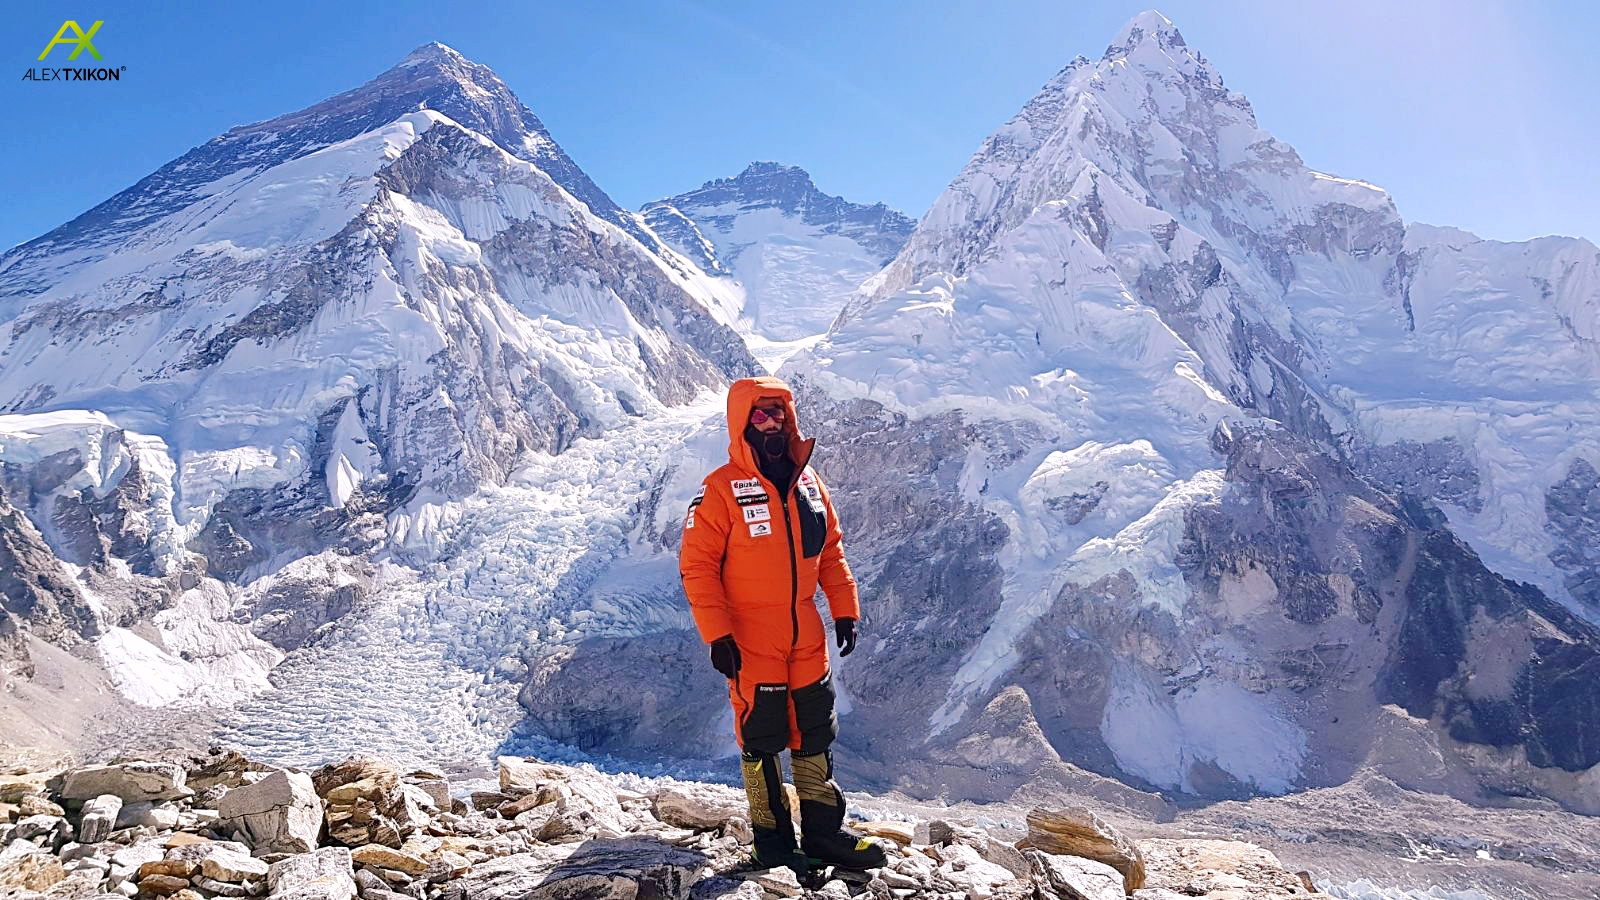 Everest Invernal: La expedición Alex Txikon asaltará el Pumori (7.161m) tras fijar C2 a 6.500m